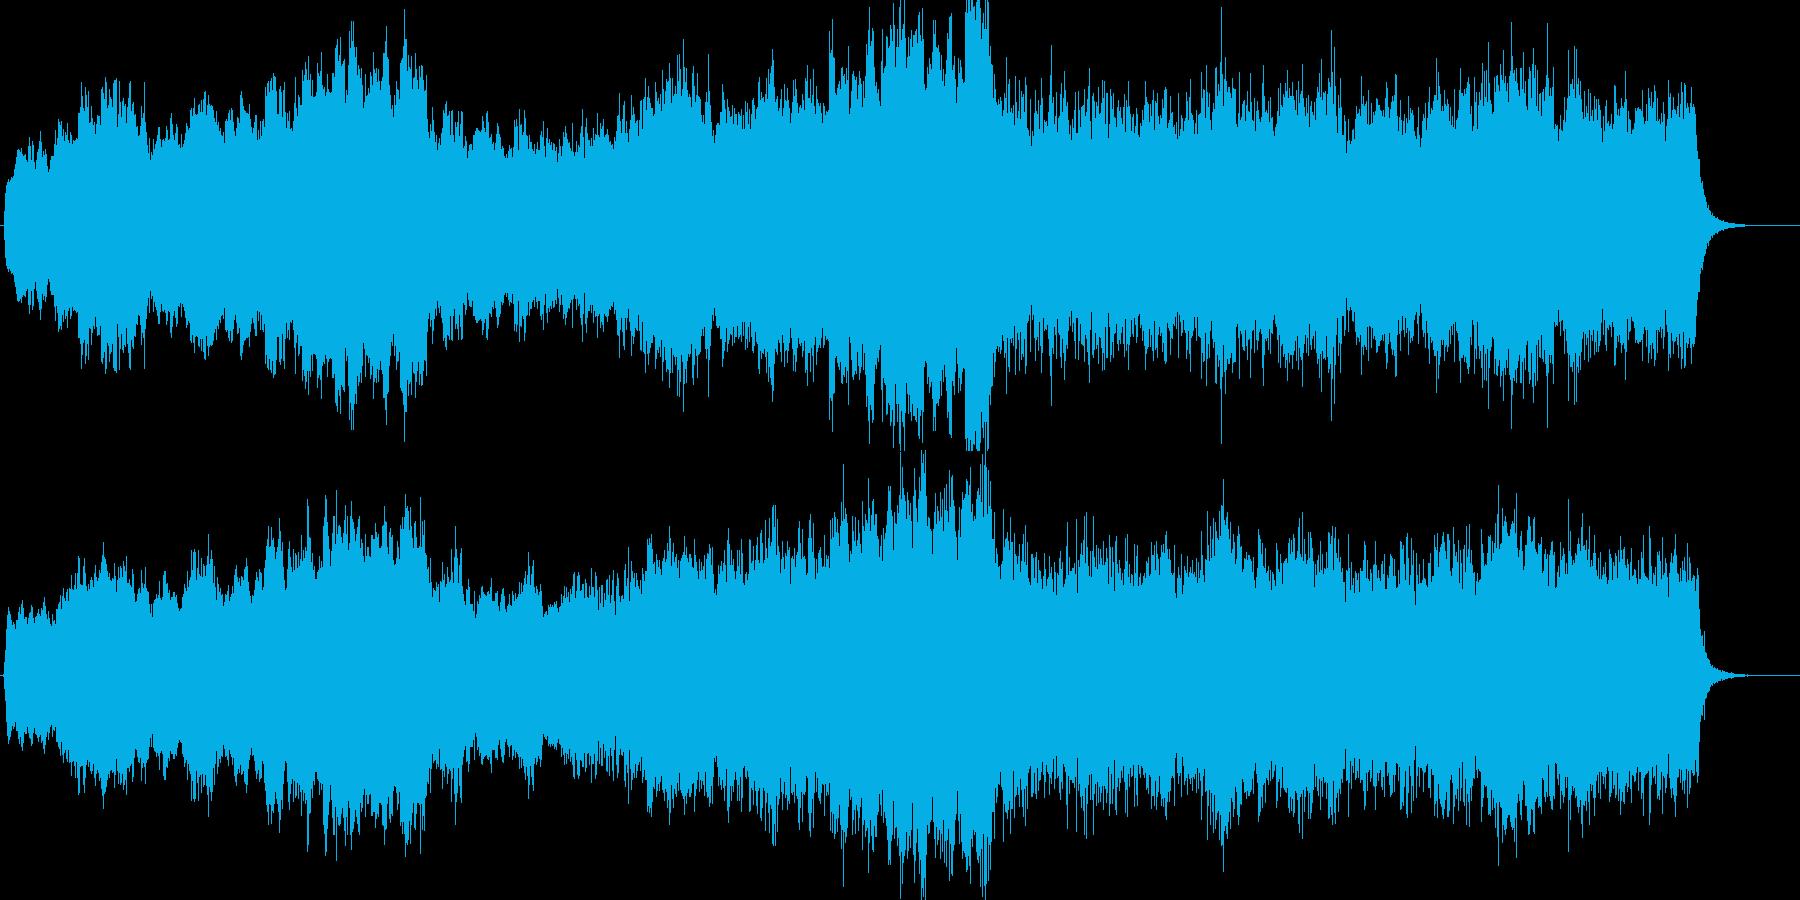 パイプオルガンによる荘厳な教会風BGMの再生済みの波形